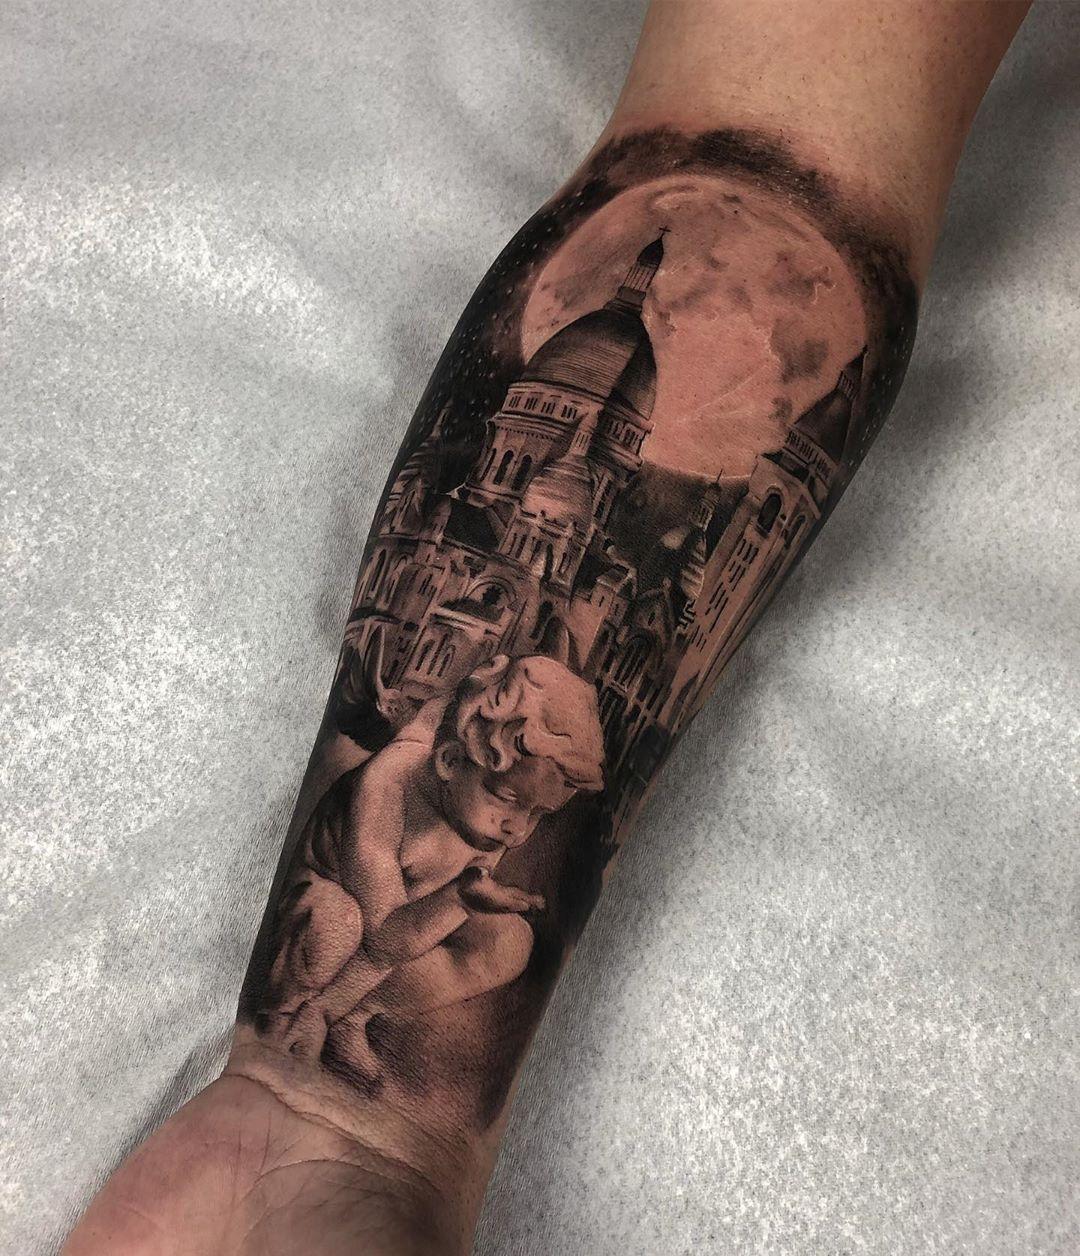 Tatuagem Criada Pelo Artista Ddierre Botelho De Goiania Clique